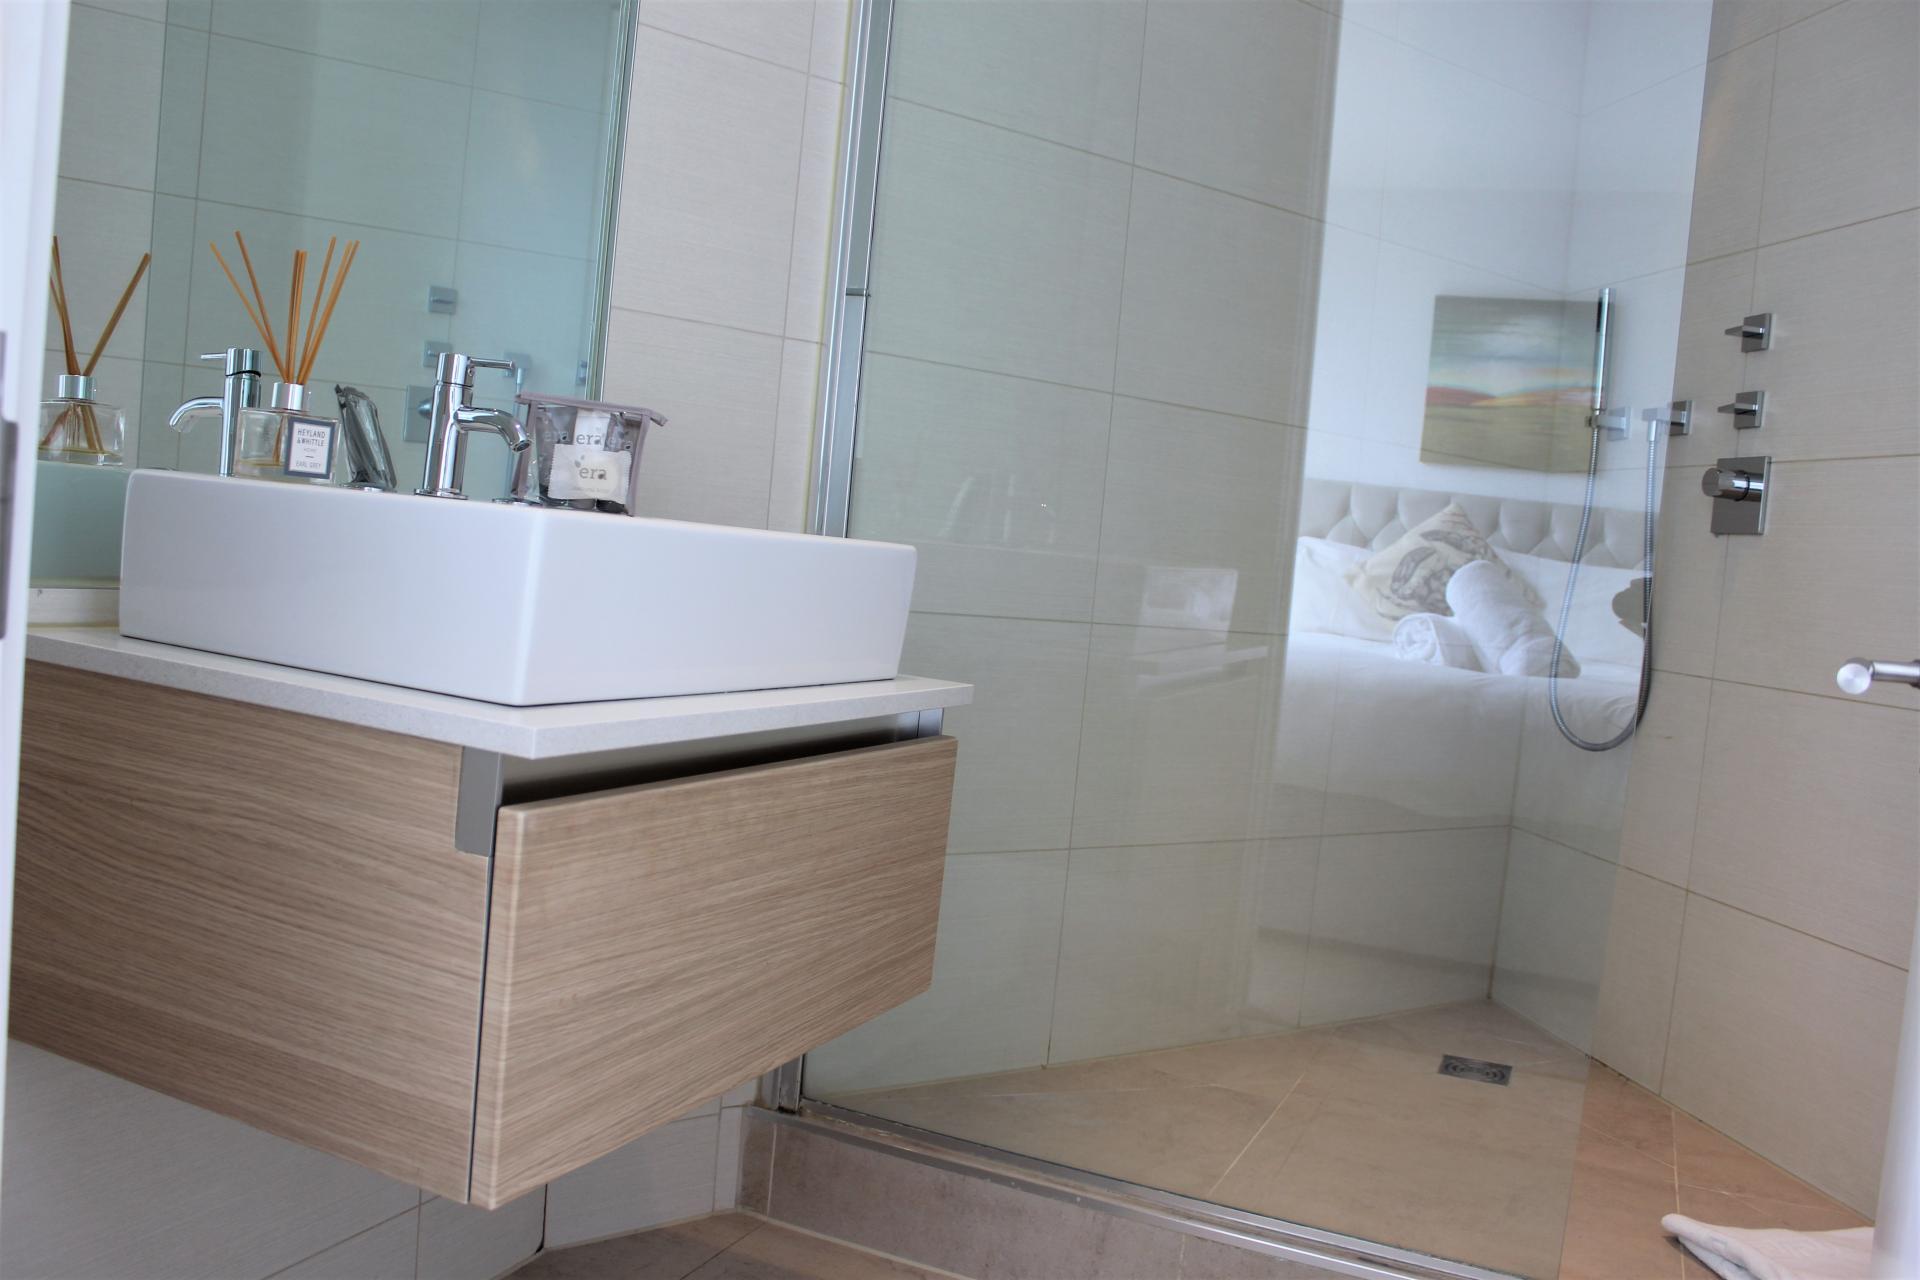 Bathroom at Gunwharf Quays Apartments, Gunwharf Quays, Portsmouth - Citybase Apartments